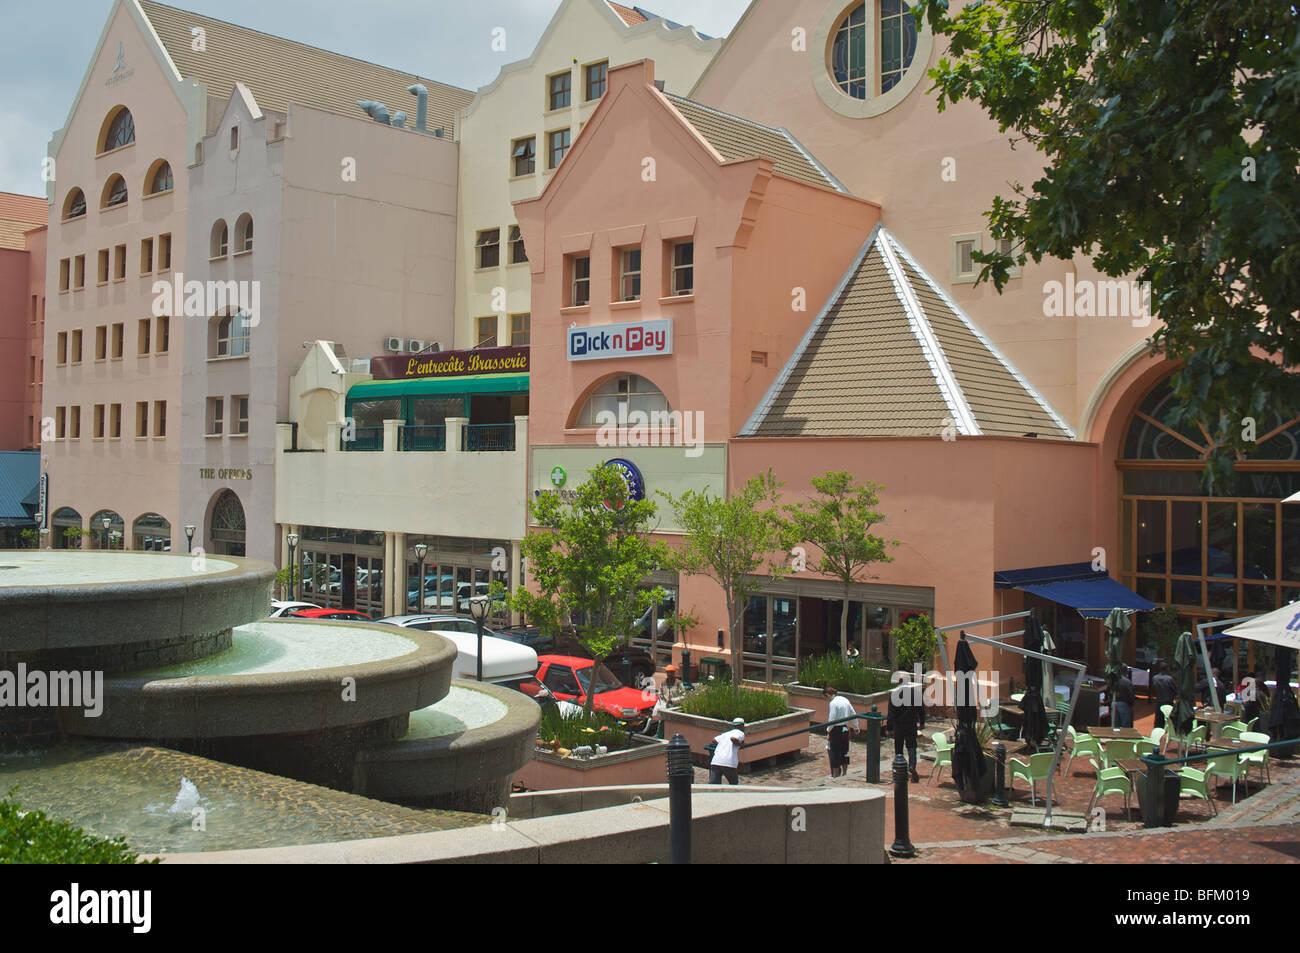 Village Walk shopping center Johannesburg - Stock Image